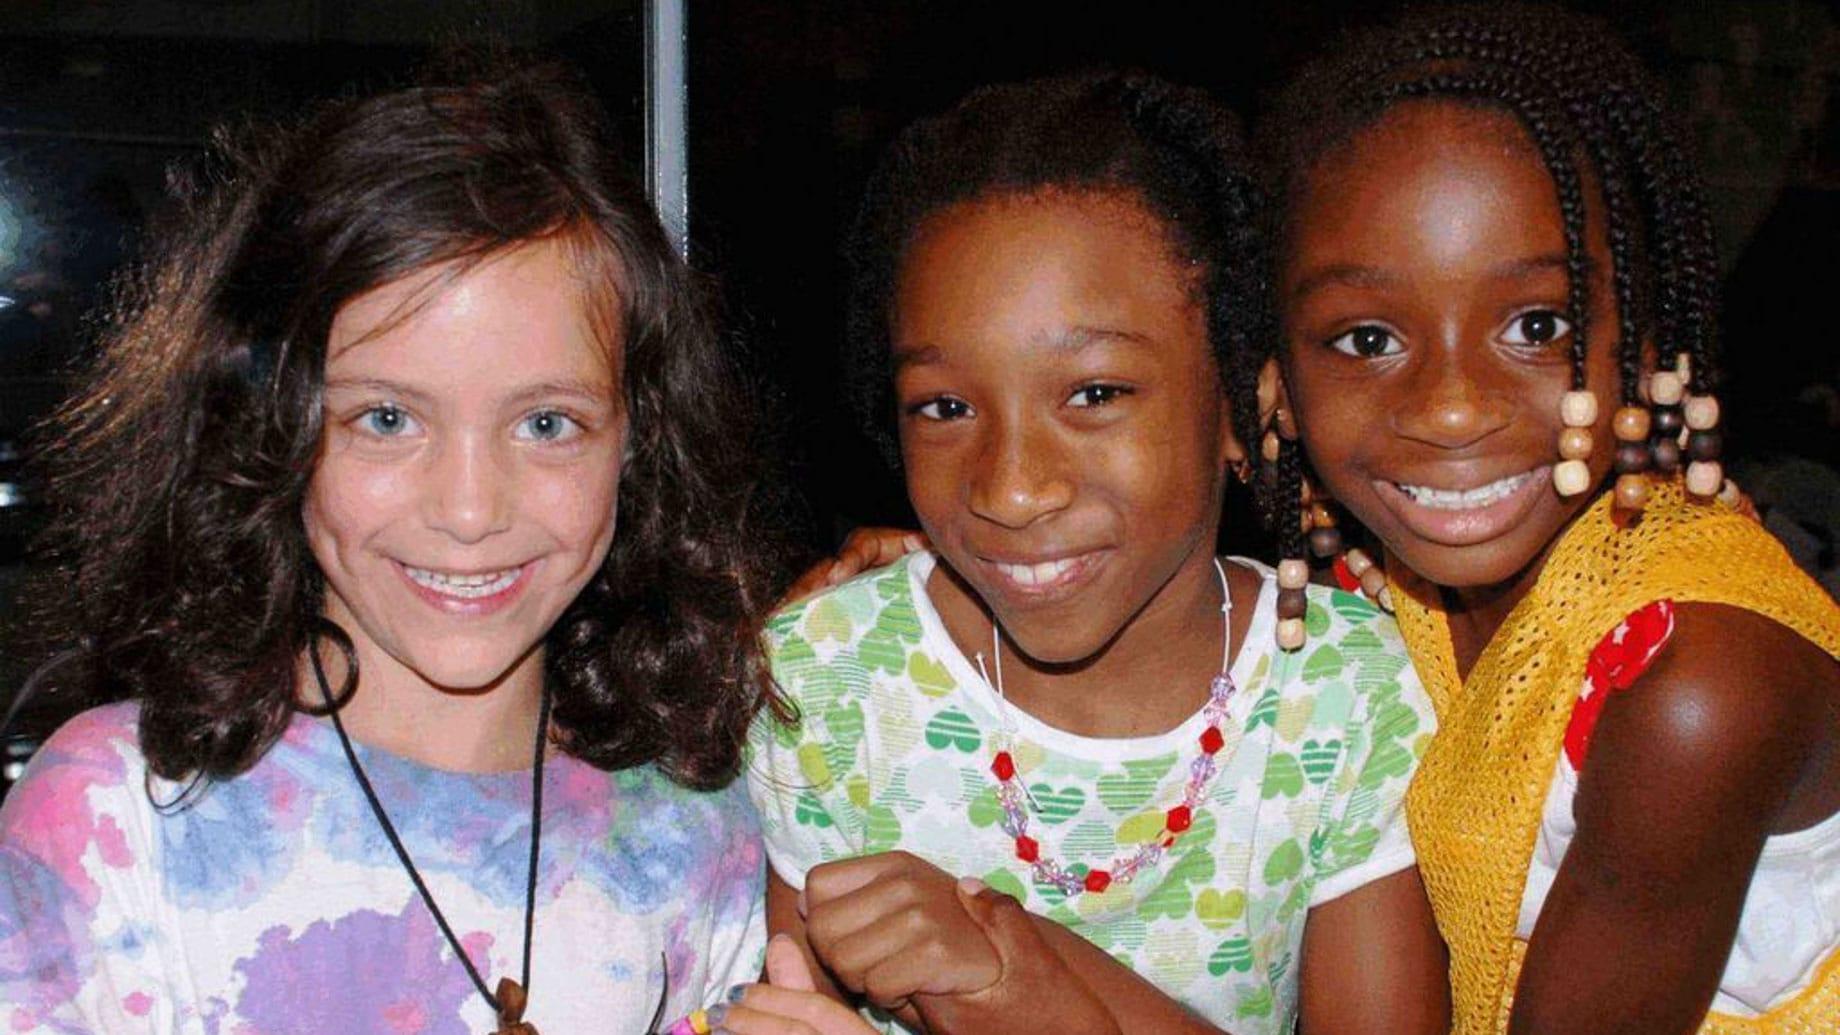 girls smiling at camp